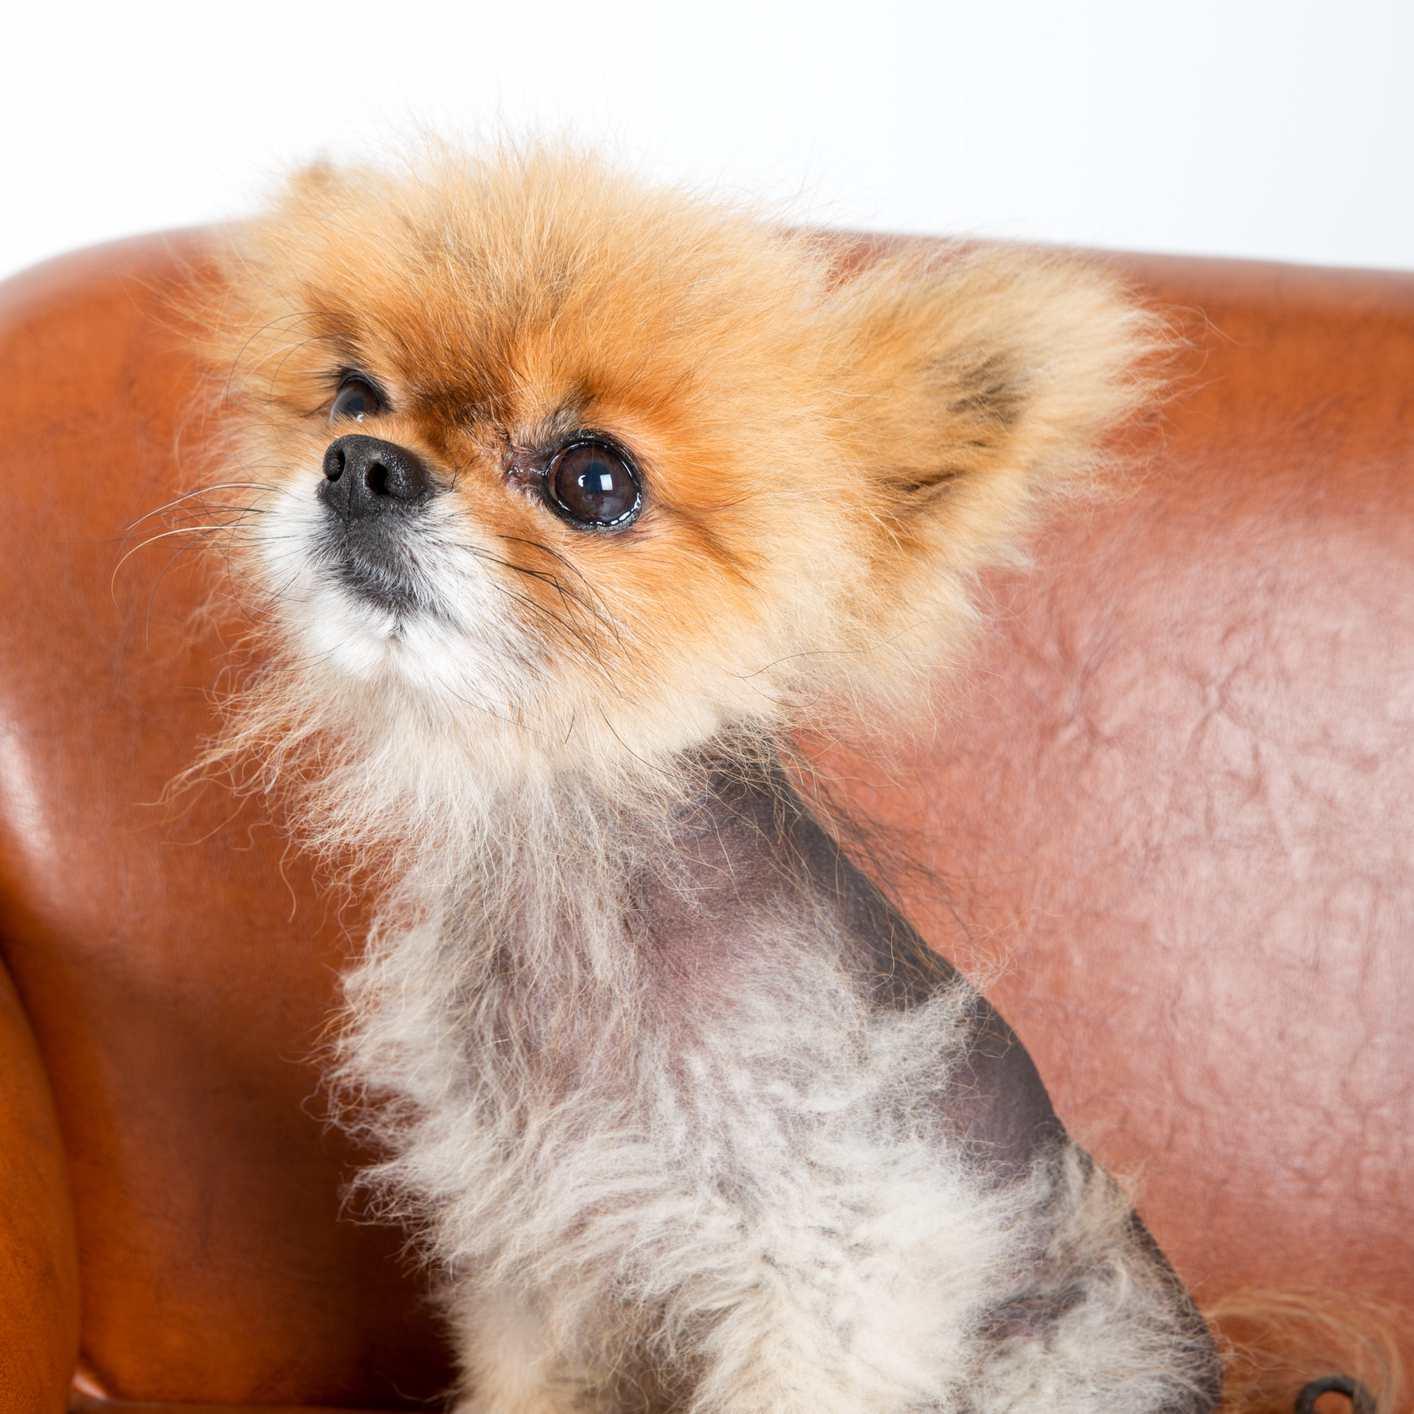 Pomeranian with alopecia